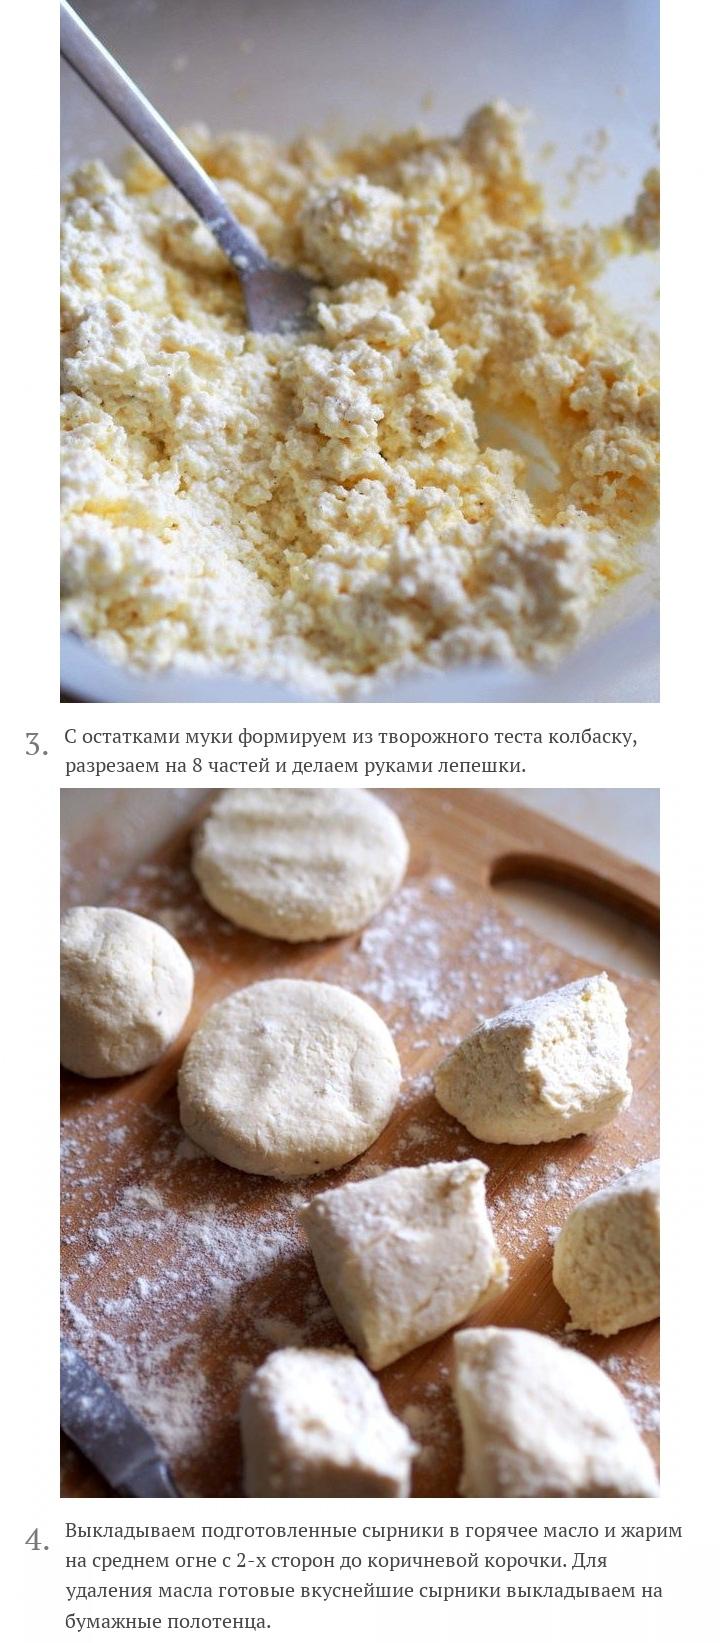 Идеальные сырники из творога, изображение №3